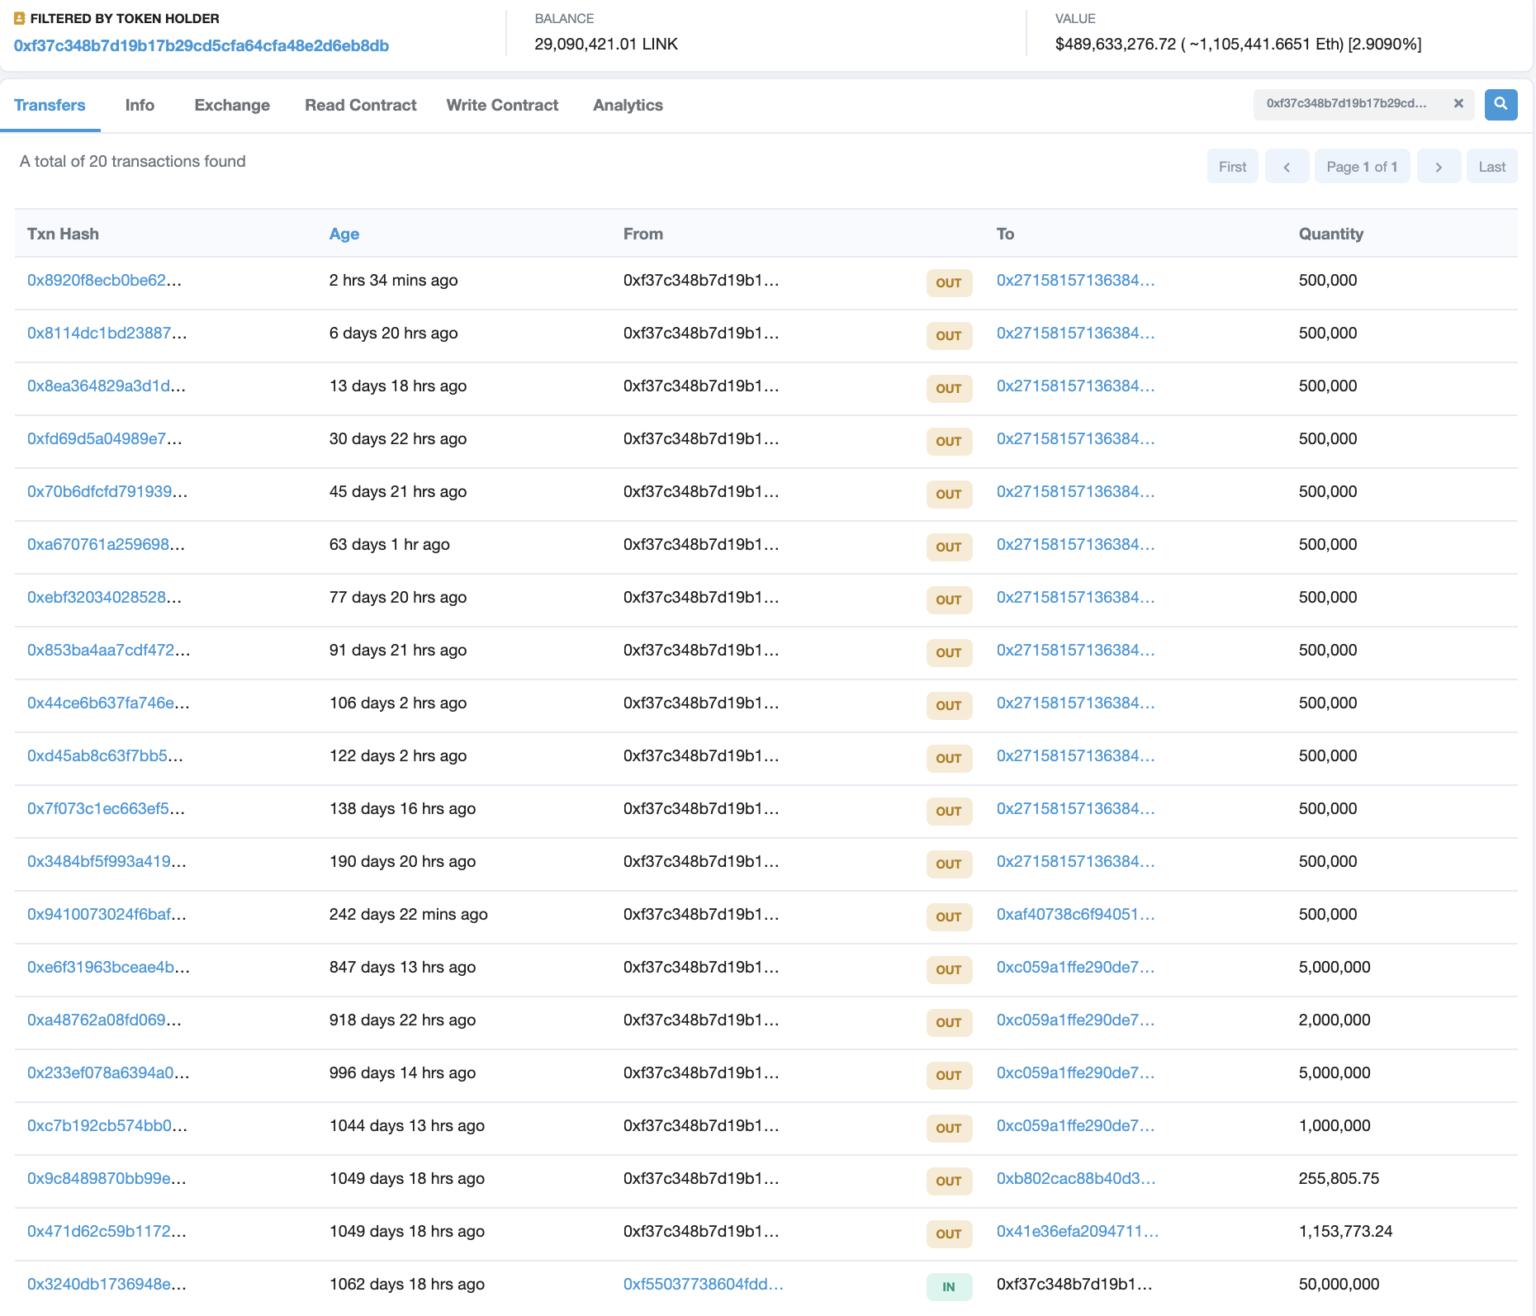 Endereço de desenvolvedores da Chainlink enviando 500 mil tokens semanalmente.